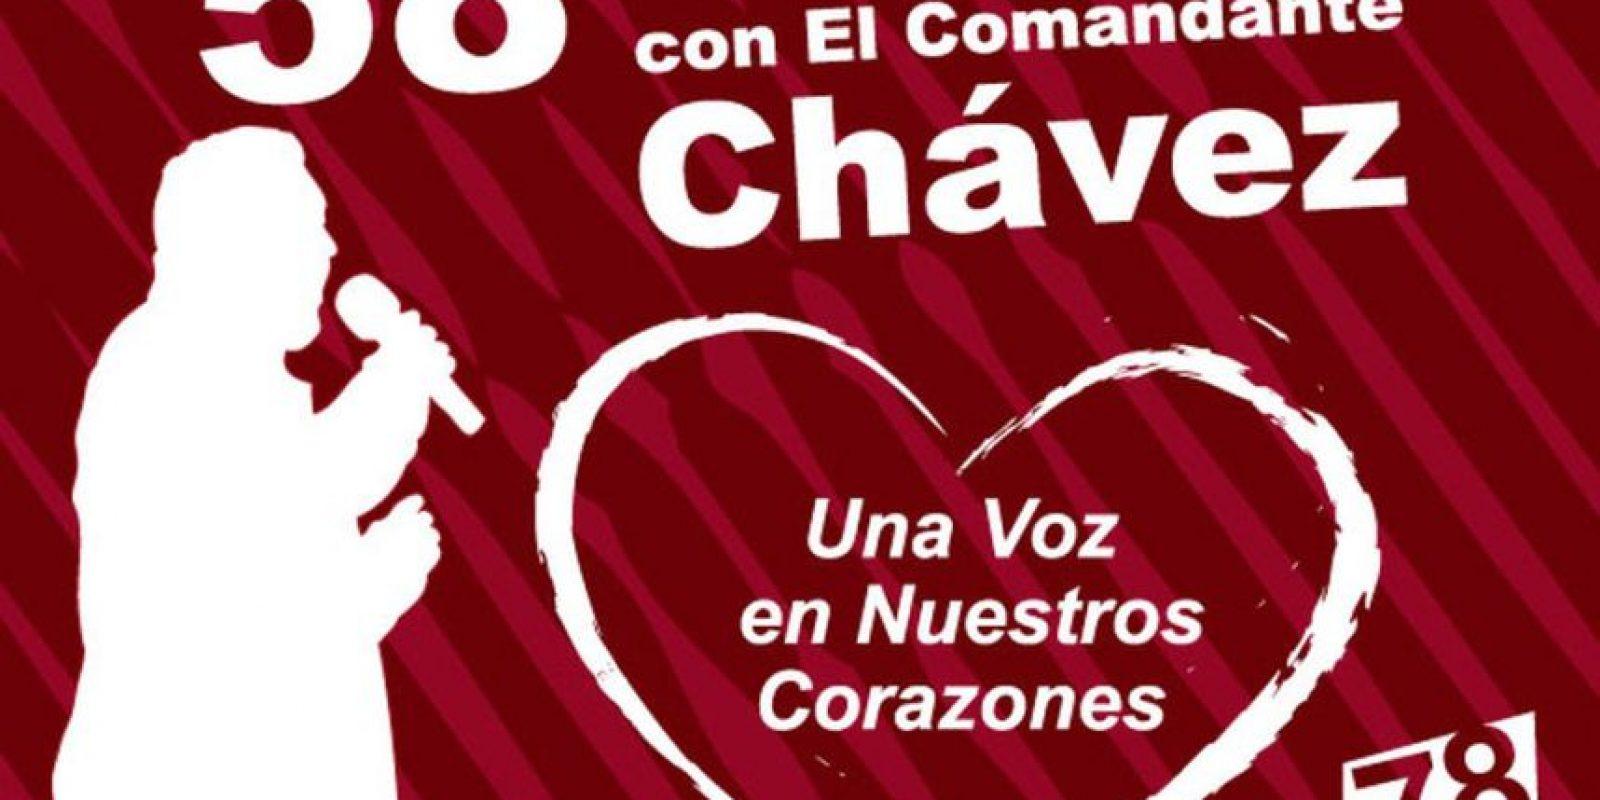 """Contenía 58 temas, algunos como """"El corrido de la caballería"""", cantado por el mismo Chávez. Foto:psuv.org.ve"""